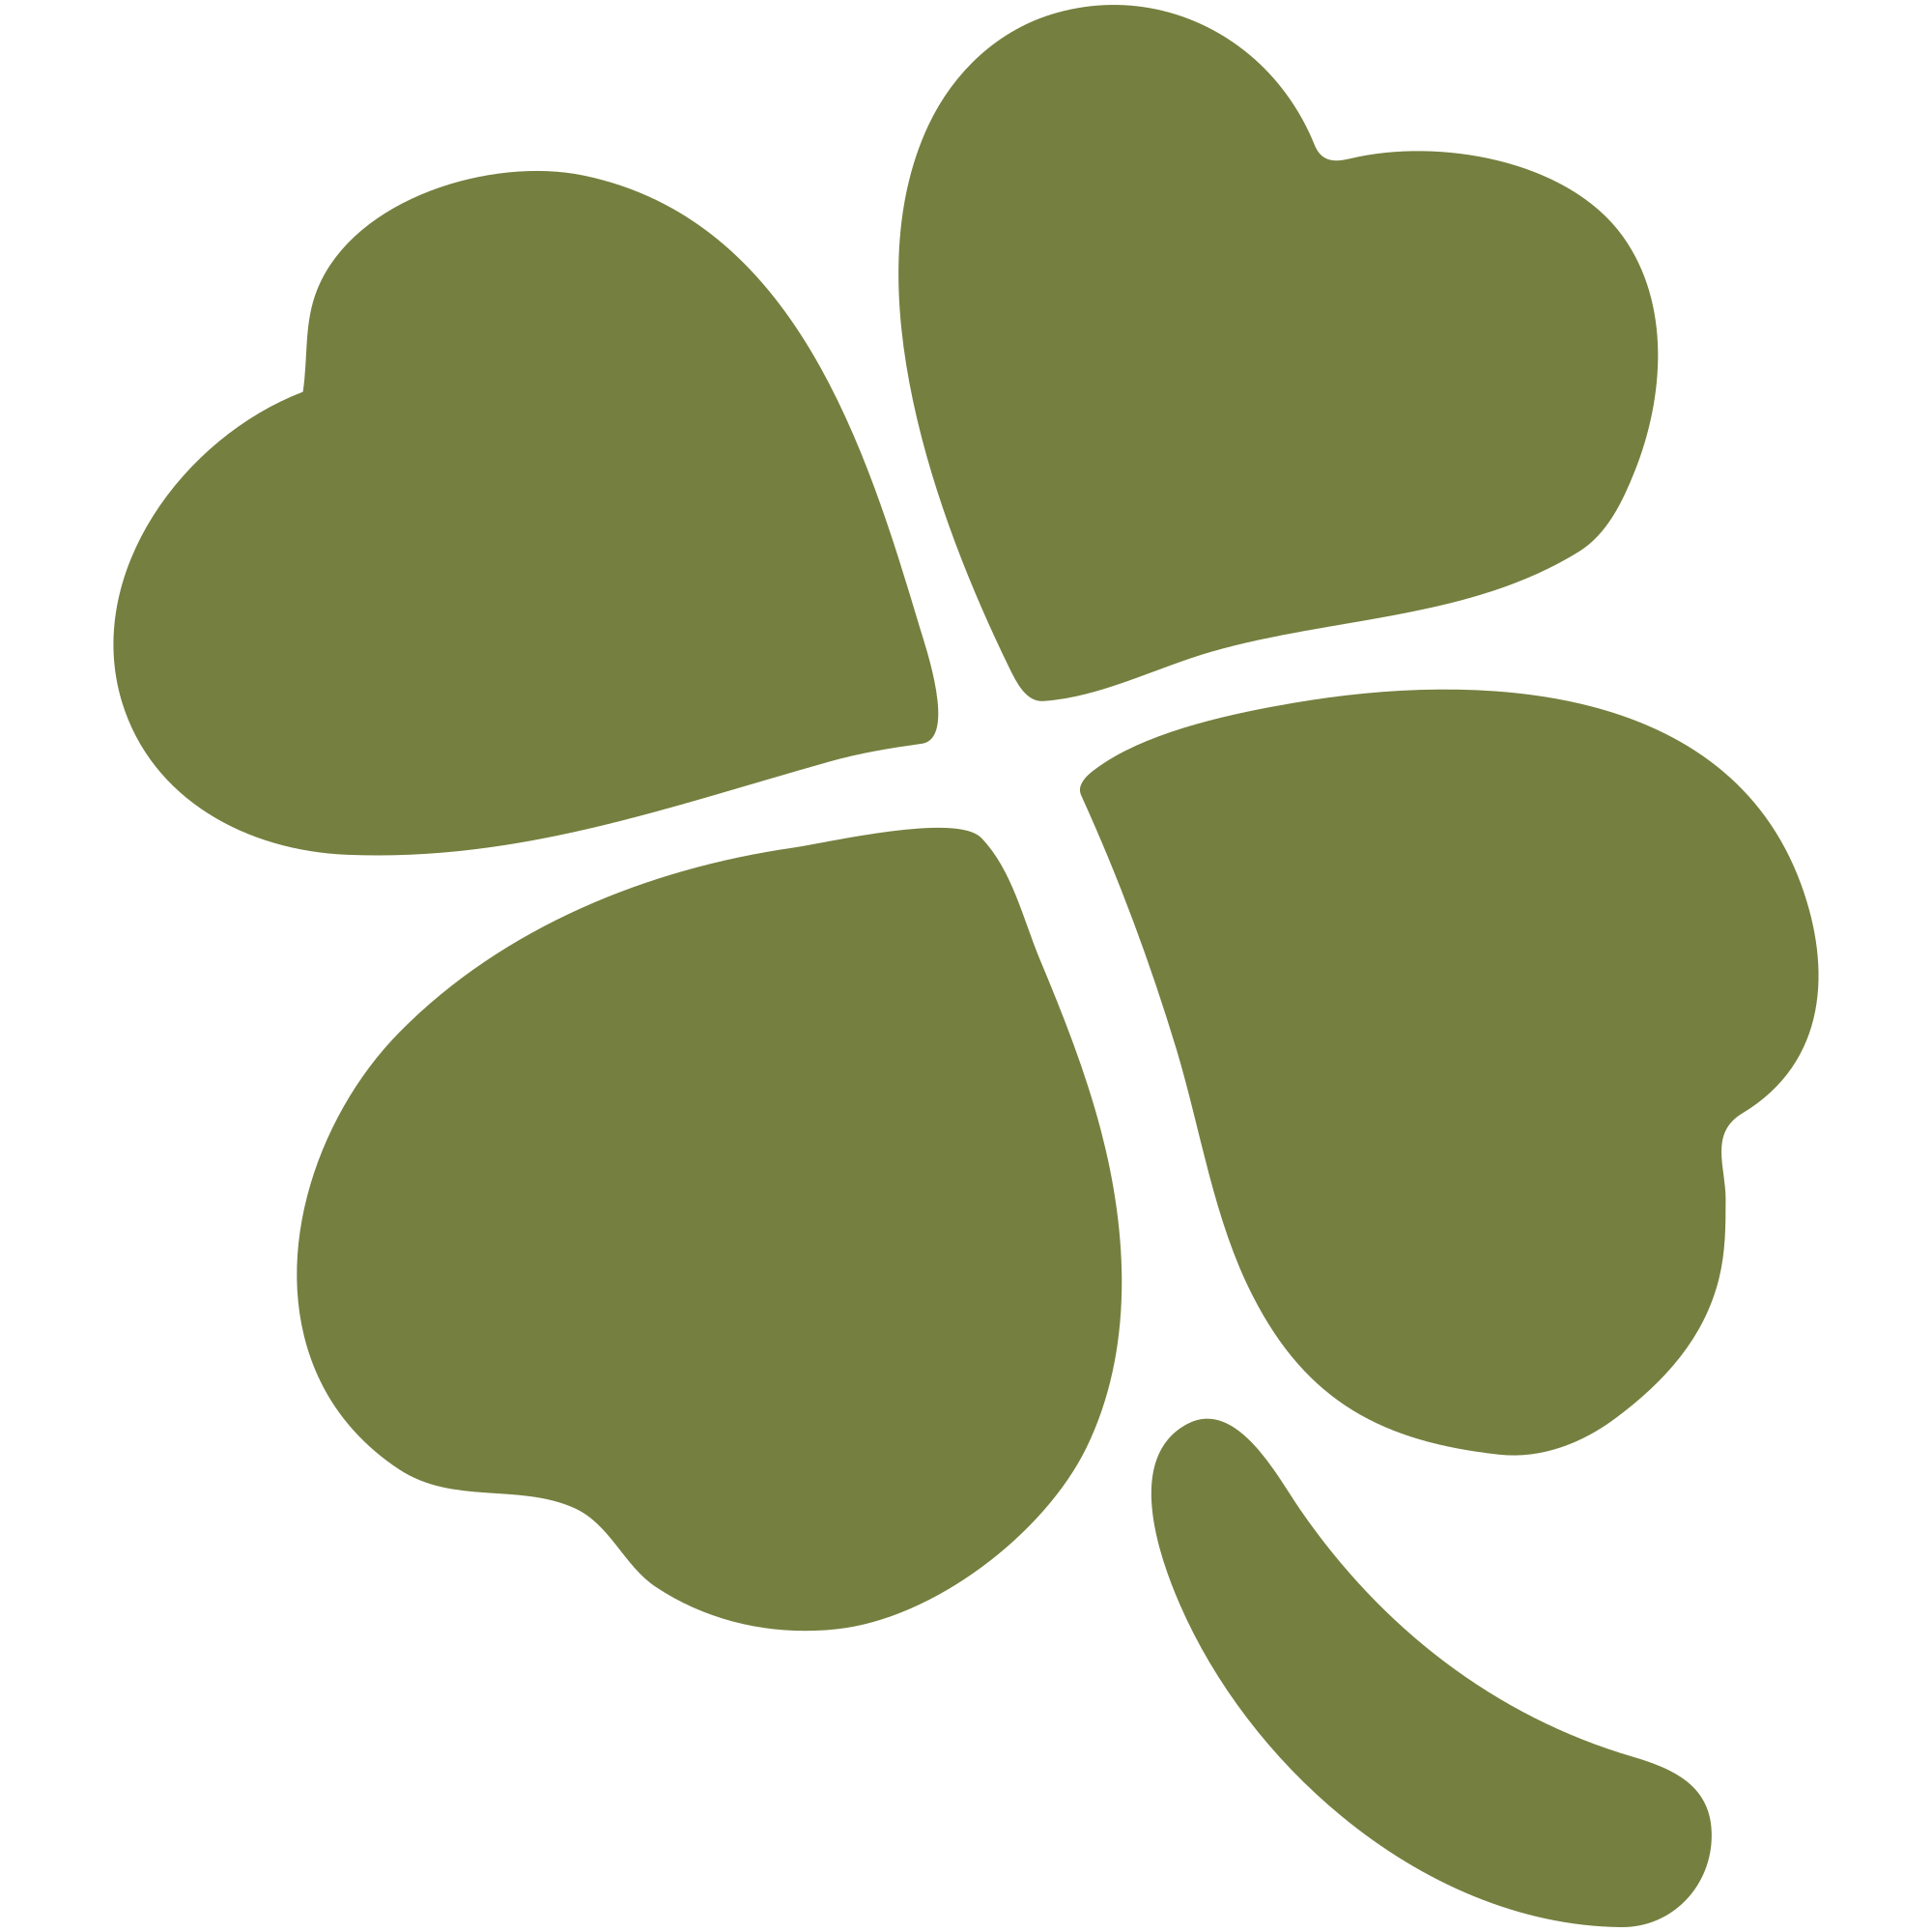 Emoji clipart leaf. File u f svg